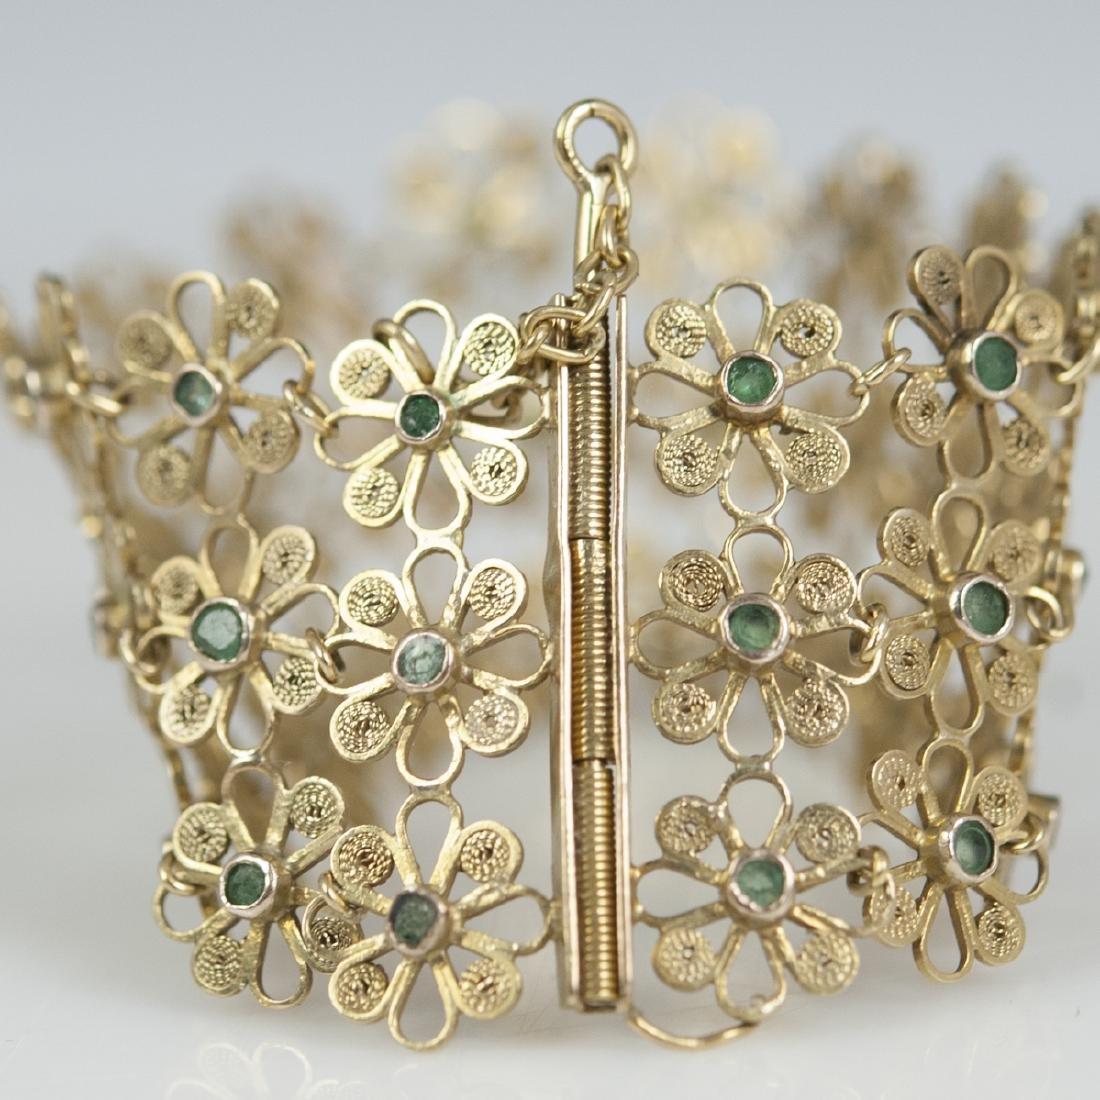 Vintage 14kt Gold & Emerald Bracelet - 2